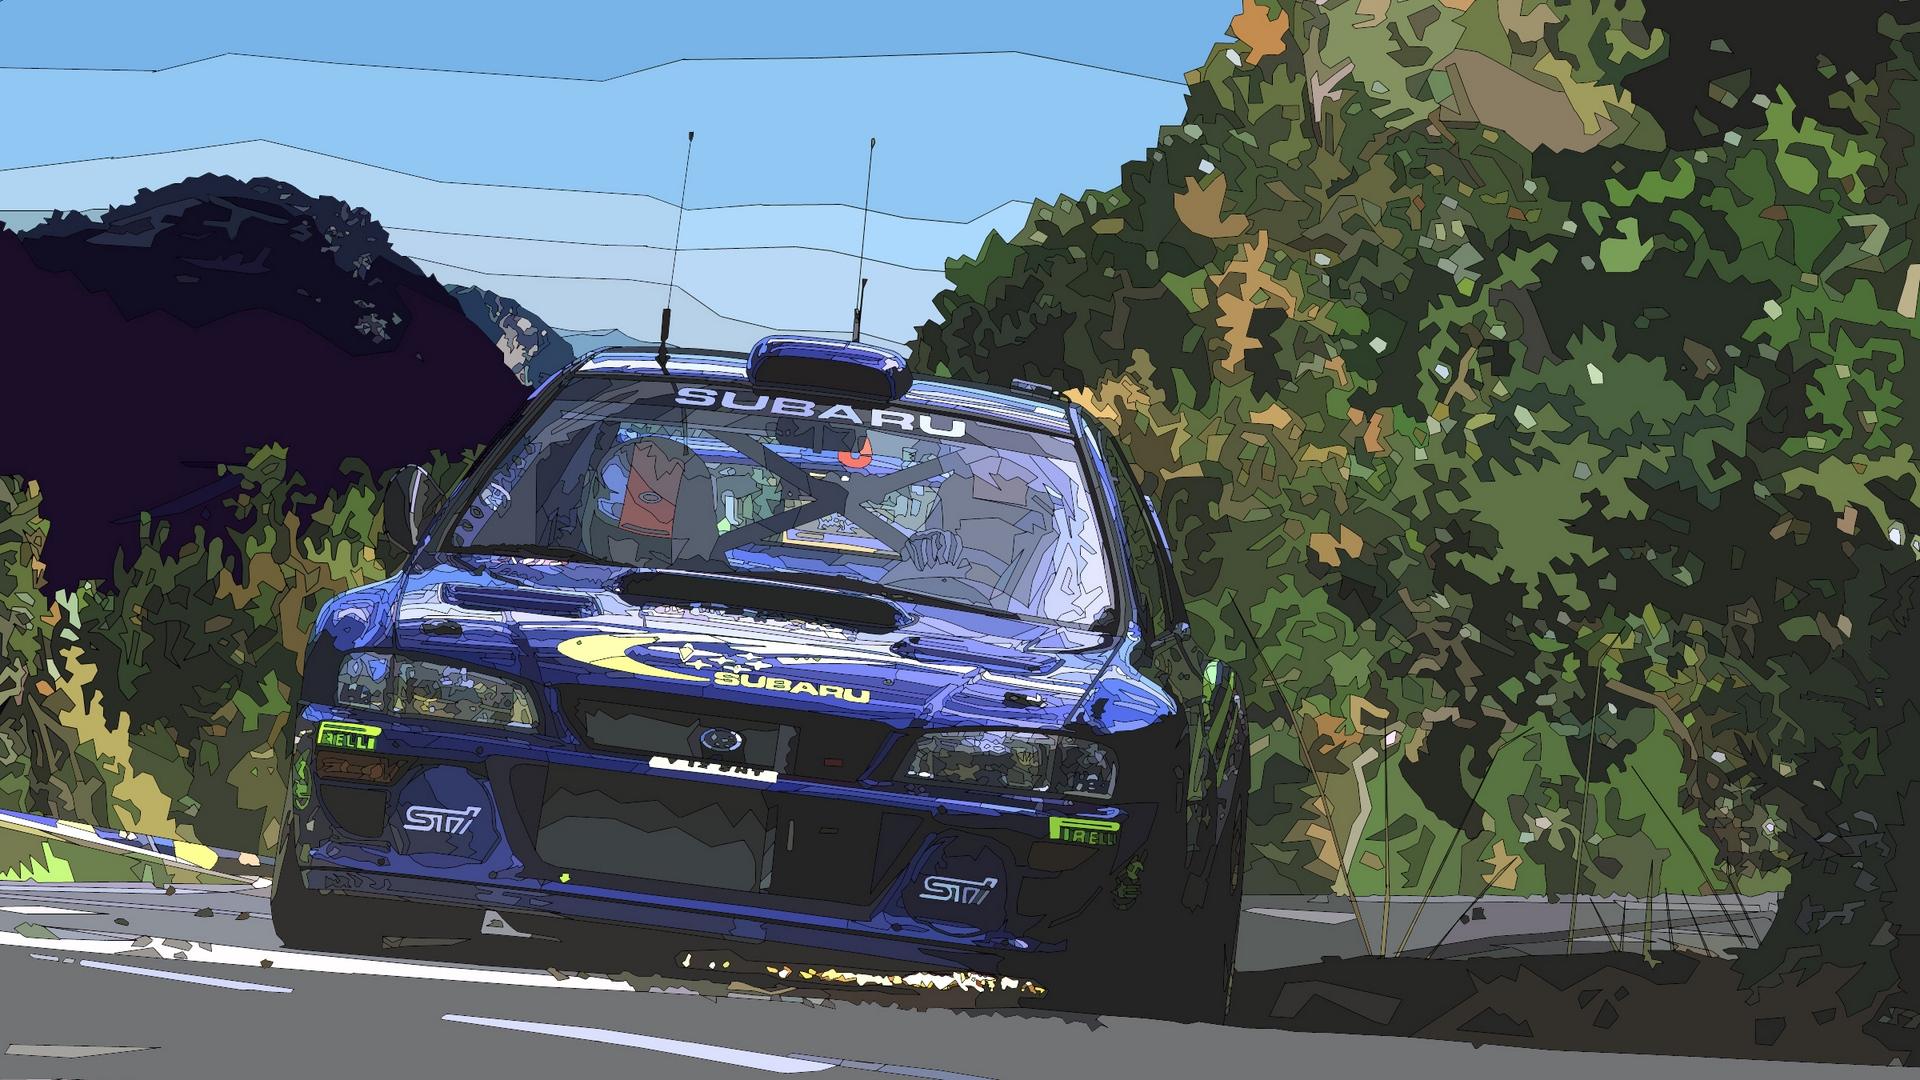 Wallpaper Richard Burns Rally Racing Sci Entertainment Rally